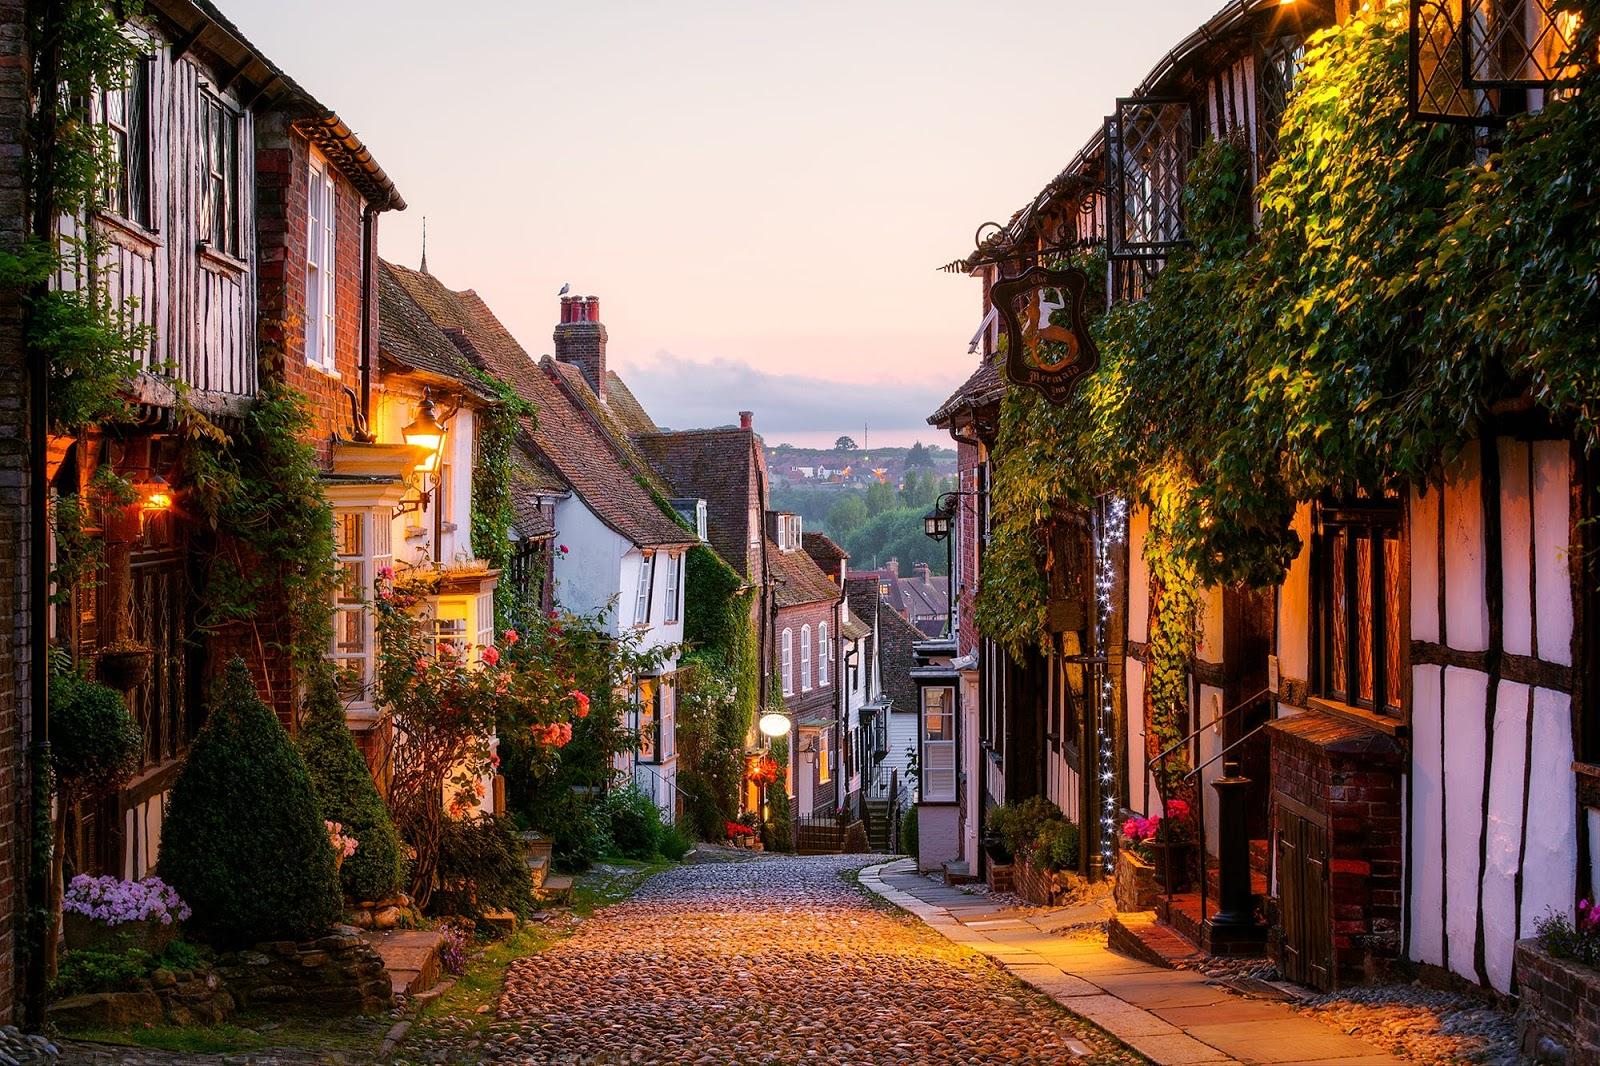 красивые фотографии домов улиц находится